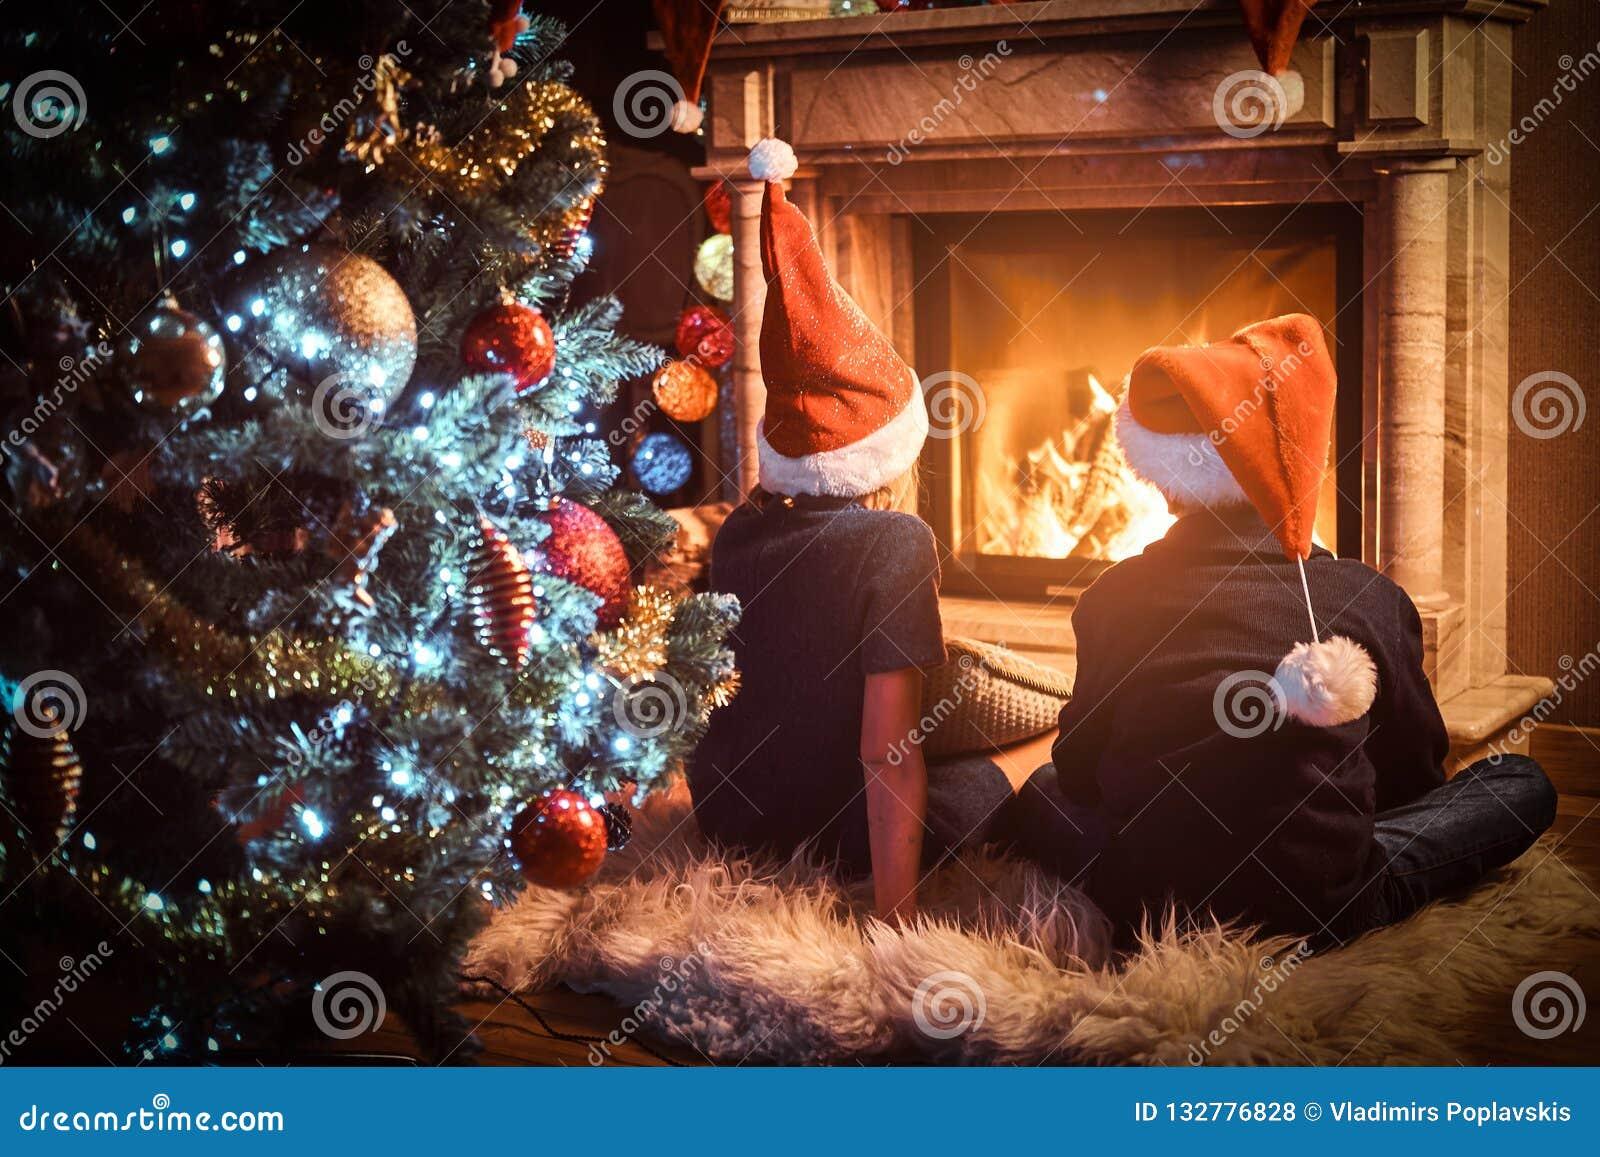 后面戴圣诞老人的帽子的看法、兄弟和姐妹温暖在一个壁炉旁边在为圣诞节装饰的客厅